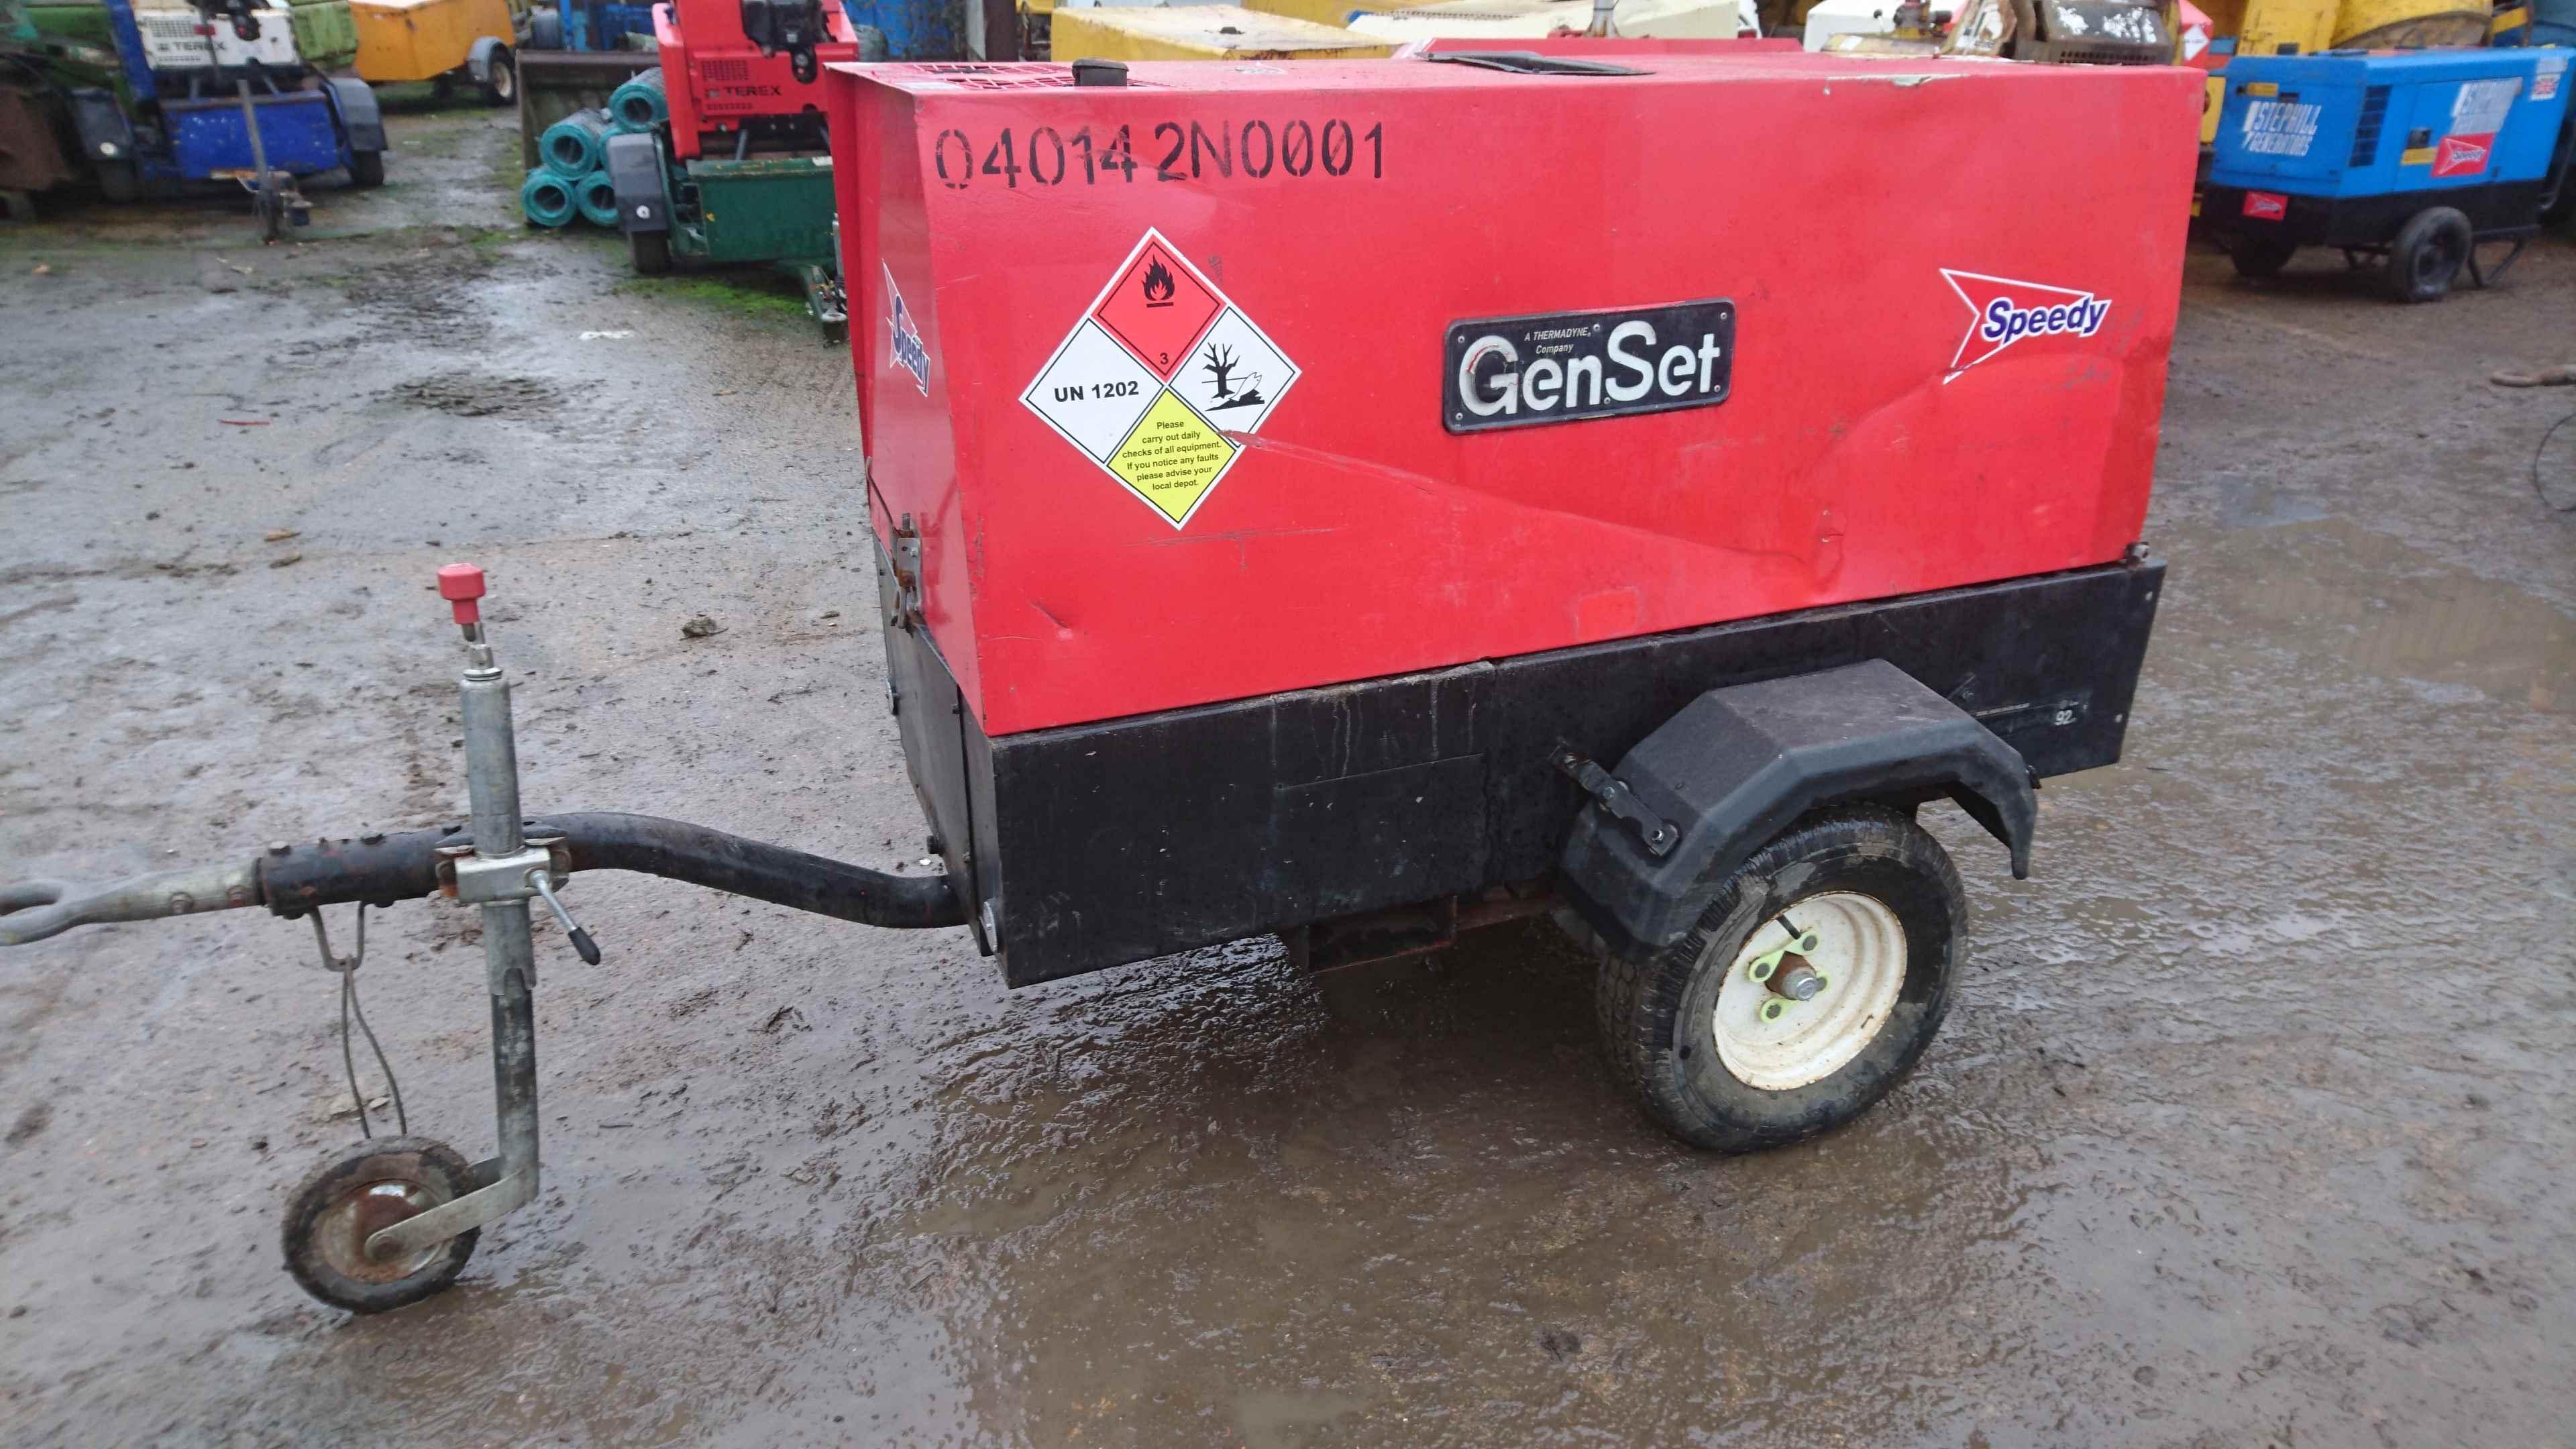 Genset MPM 12 370 SS KA Diesel Welder Generator 110v 240v 3 Phase